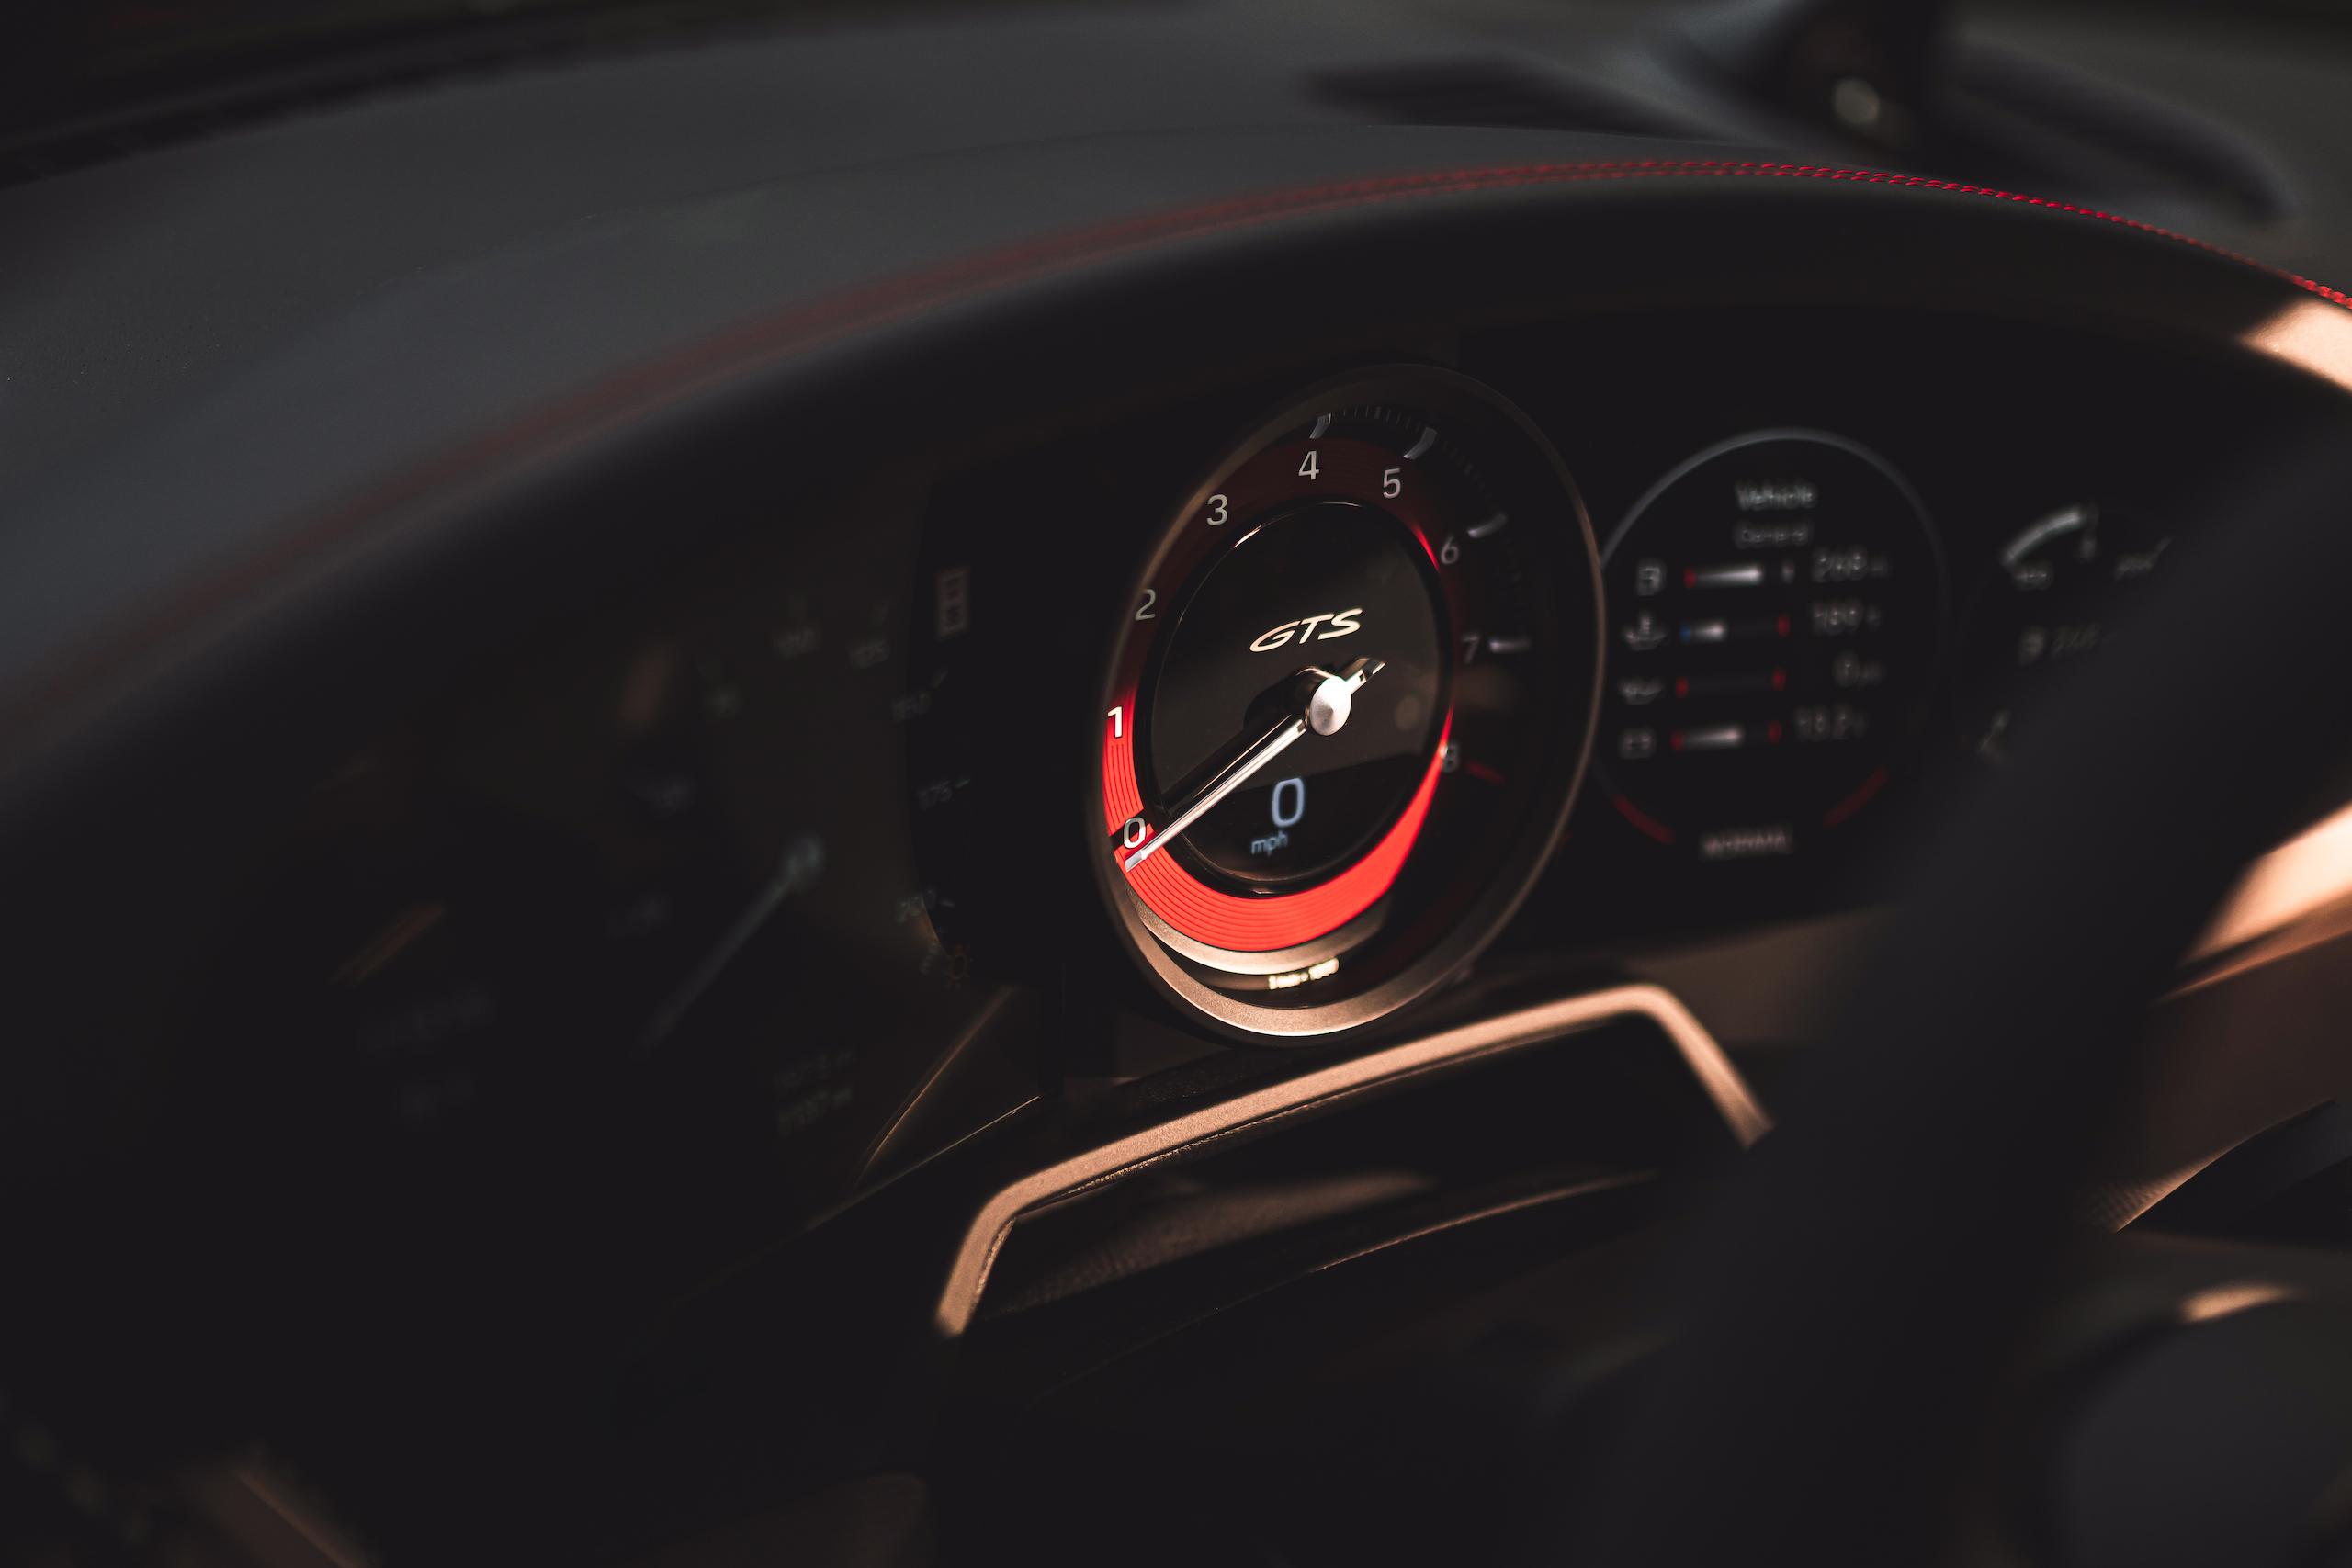 Porsche 911 GTS interior tach gauge